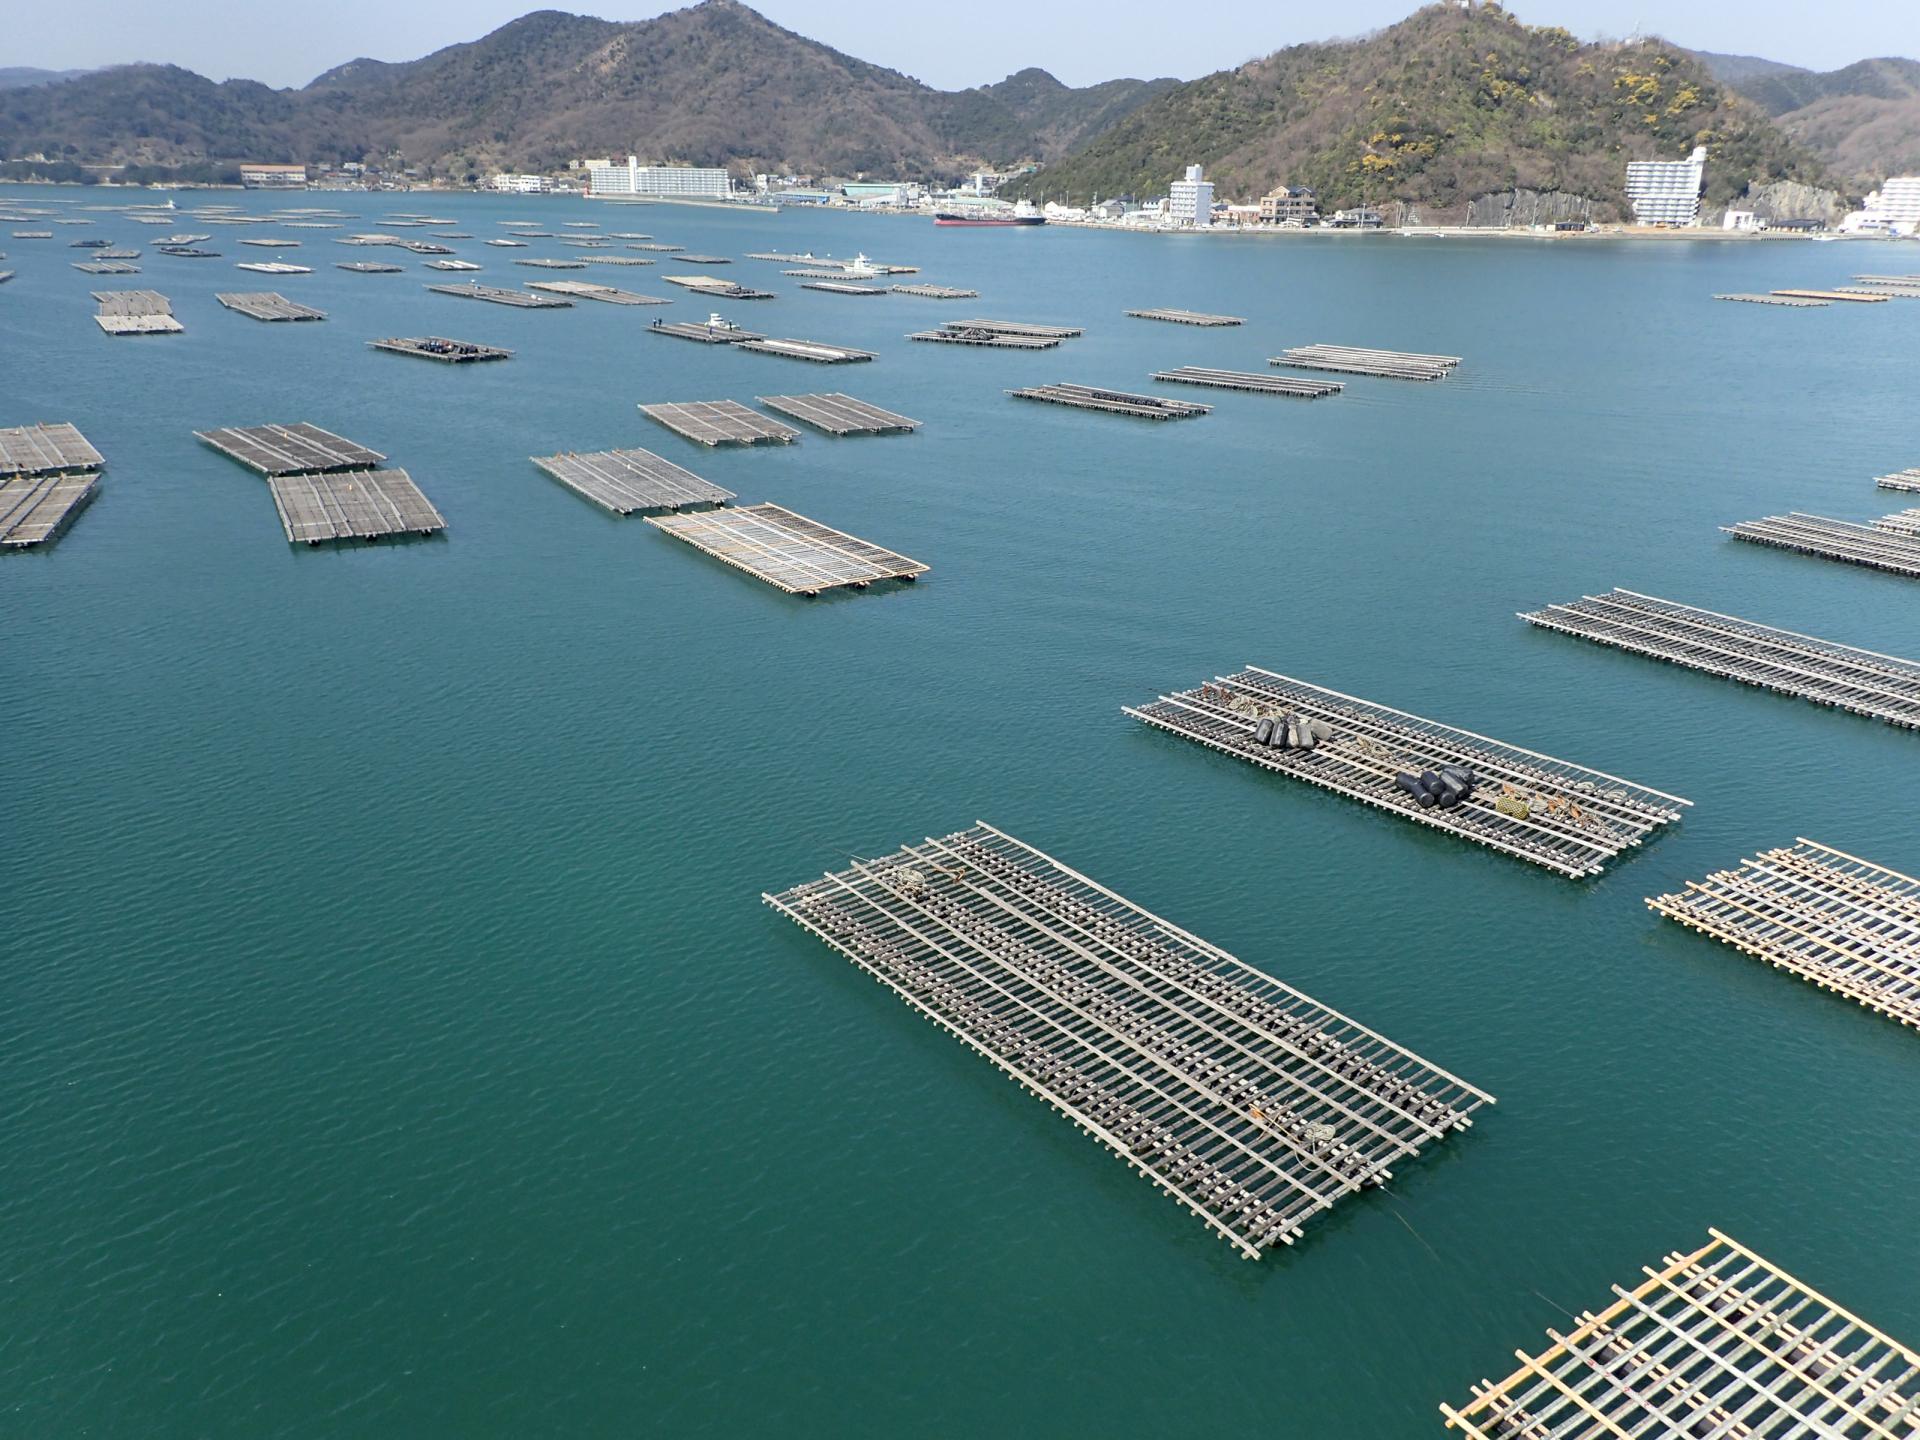 (キャプション)岡山県備前市日生町のカキ筏。同町はブルーエコノミーで地域を活性化している